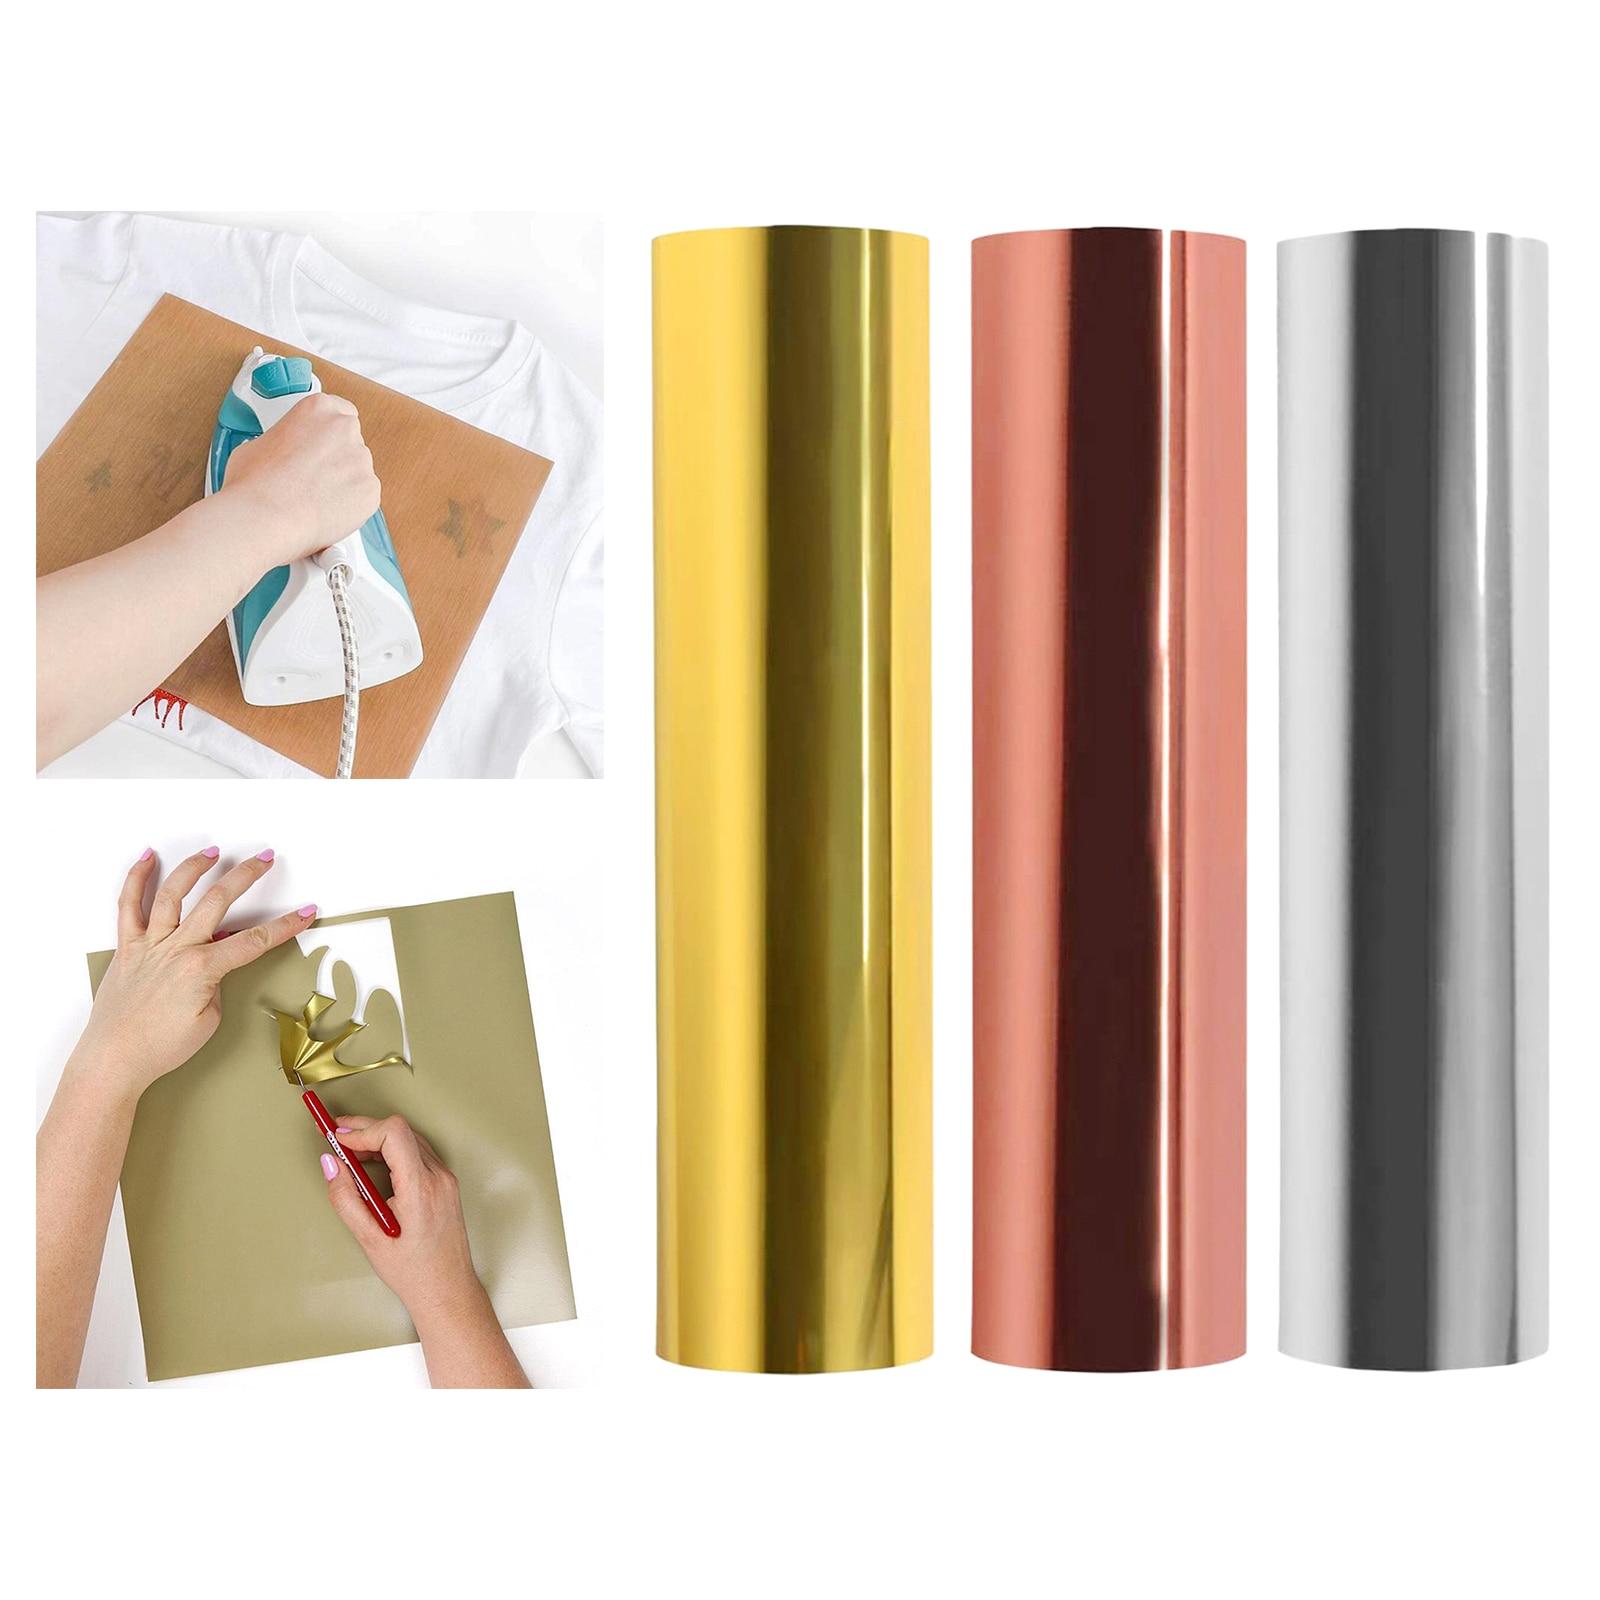 Голографическая теплопередающая виниловая рулон 30x100 см HTV металлическая фольга для самостоятельного изготовления футболок или тканей, дек...